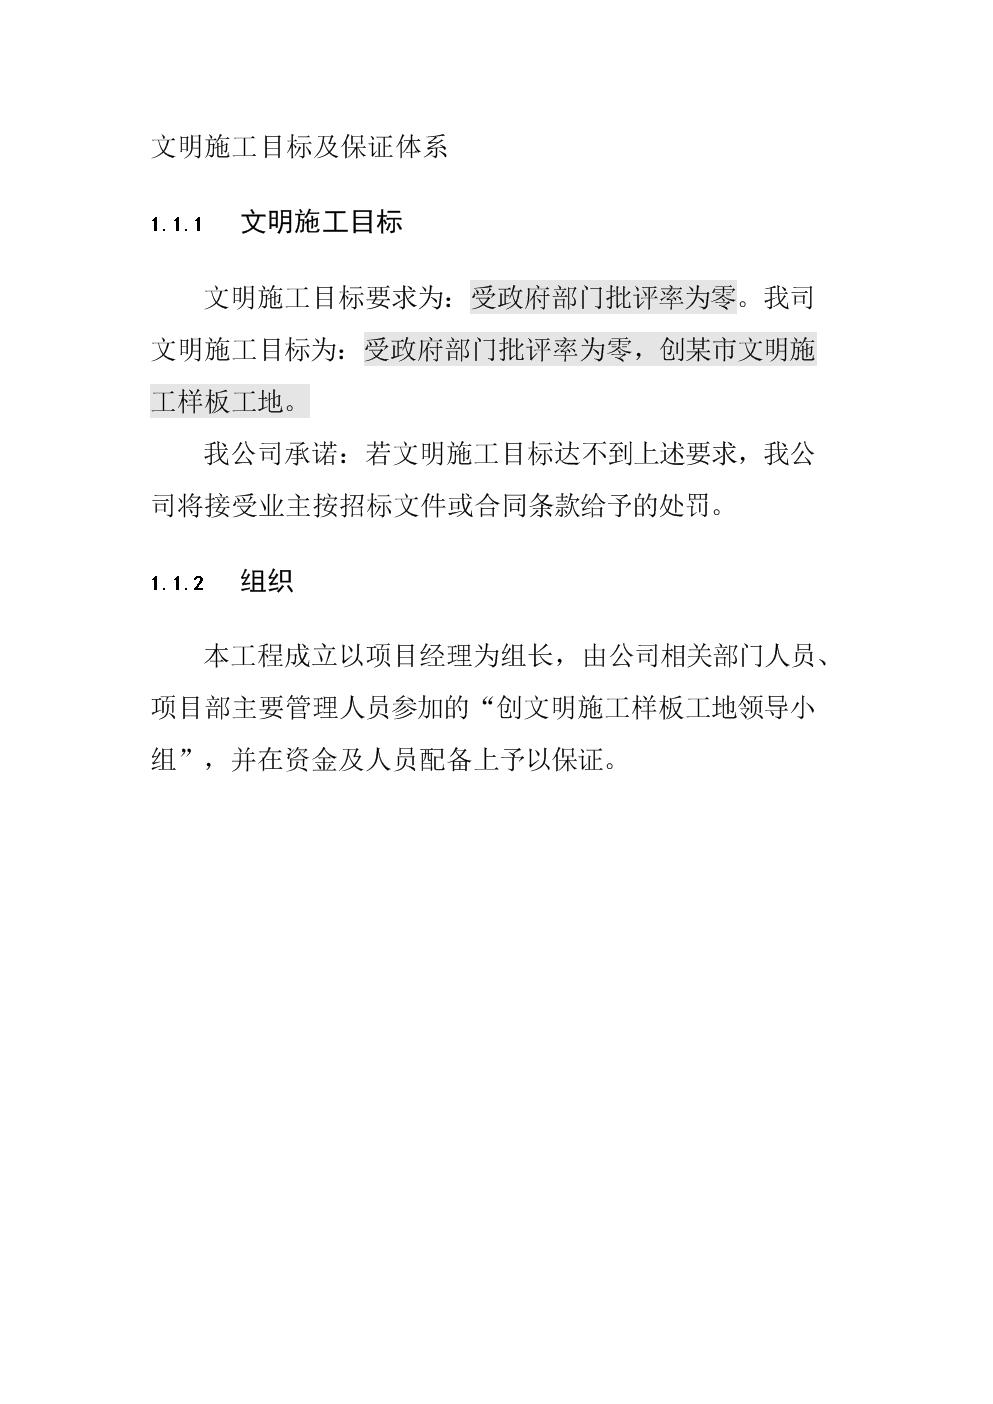 文明施工目标及保证体系.doc